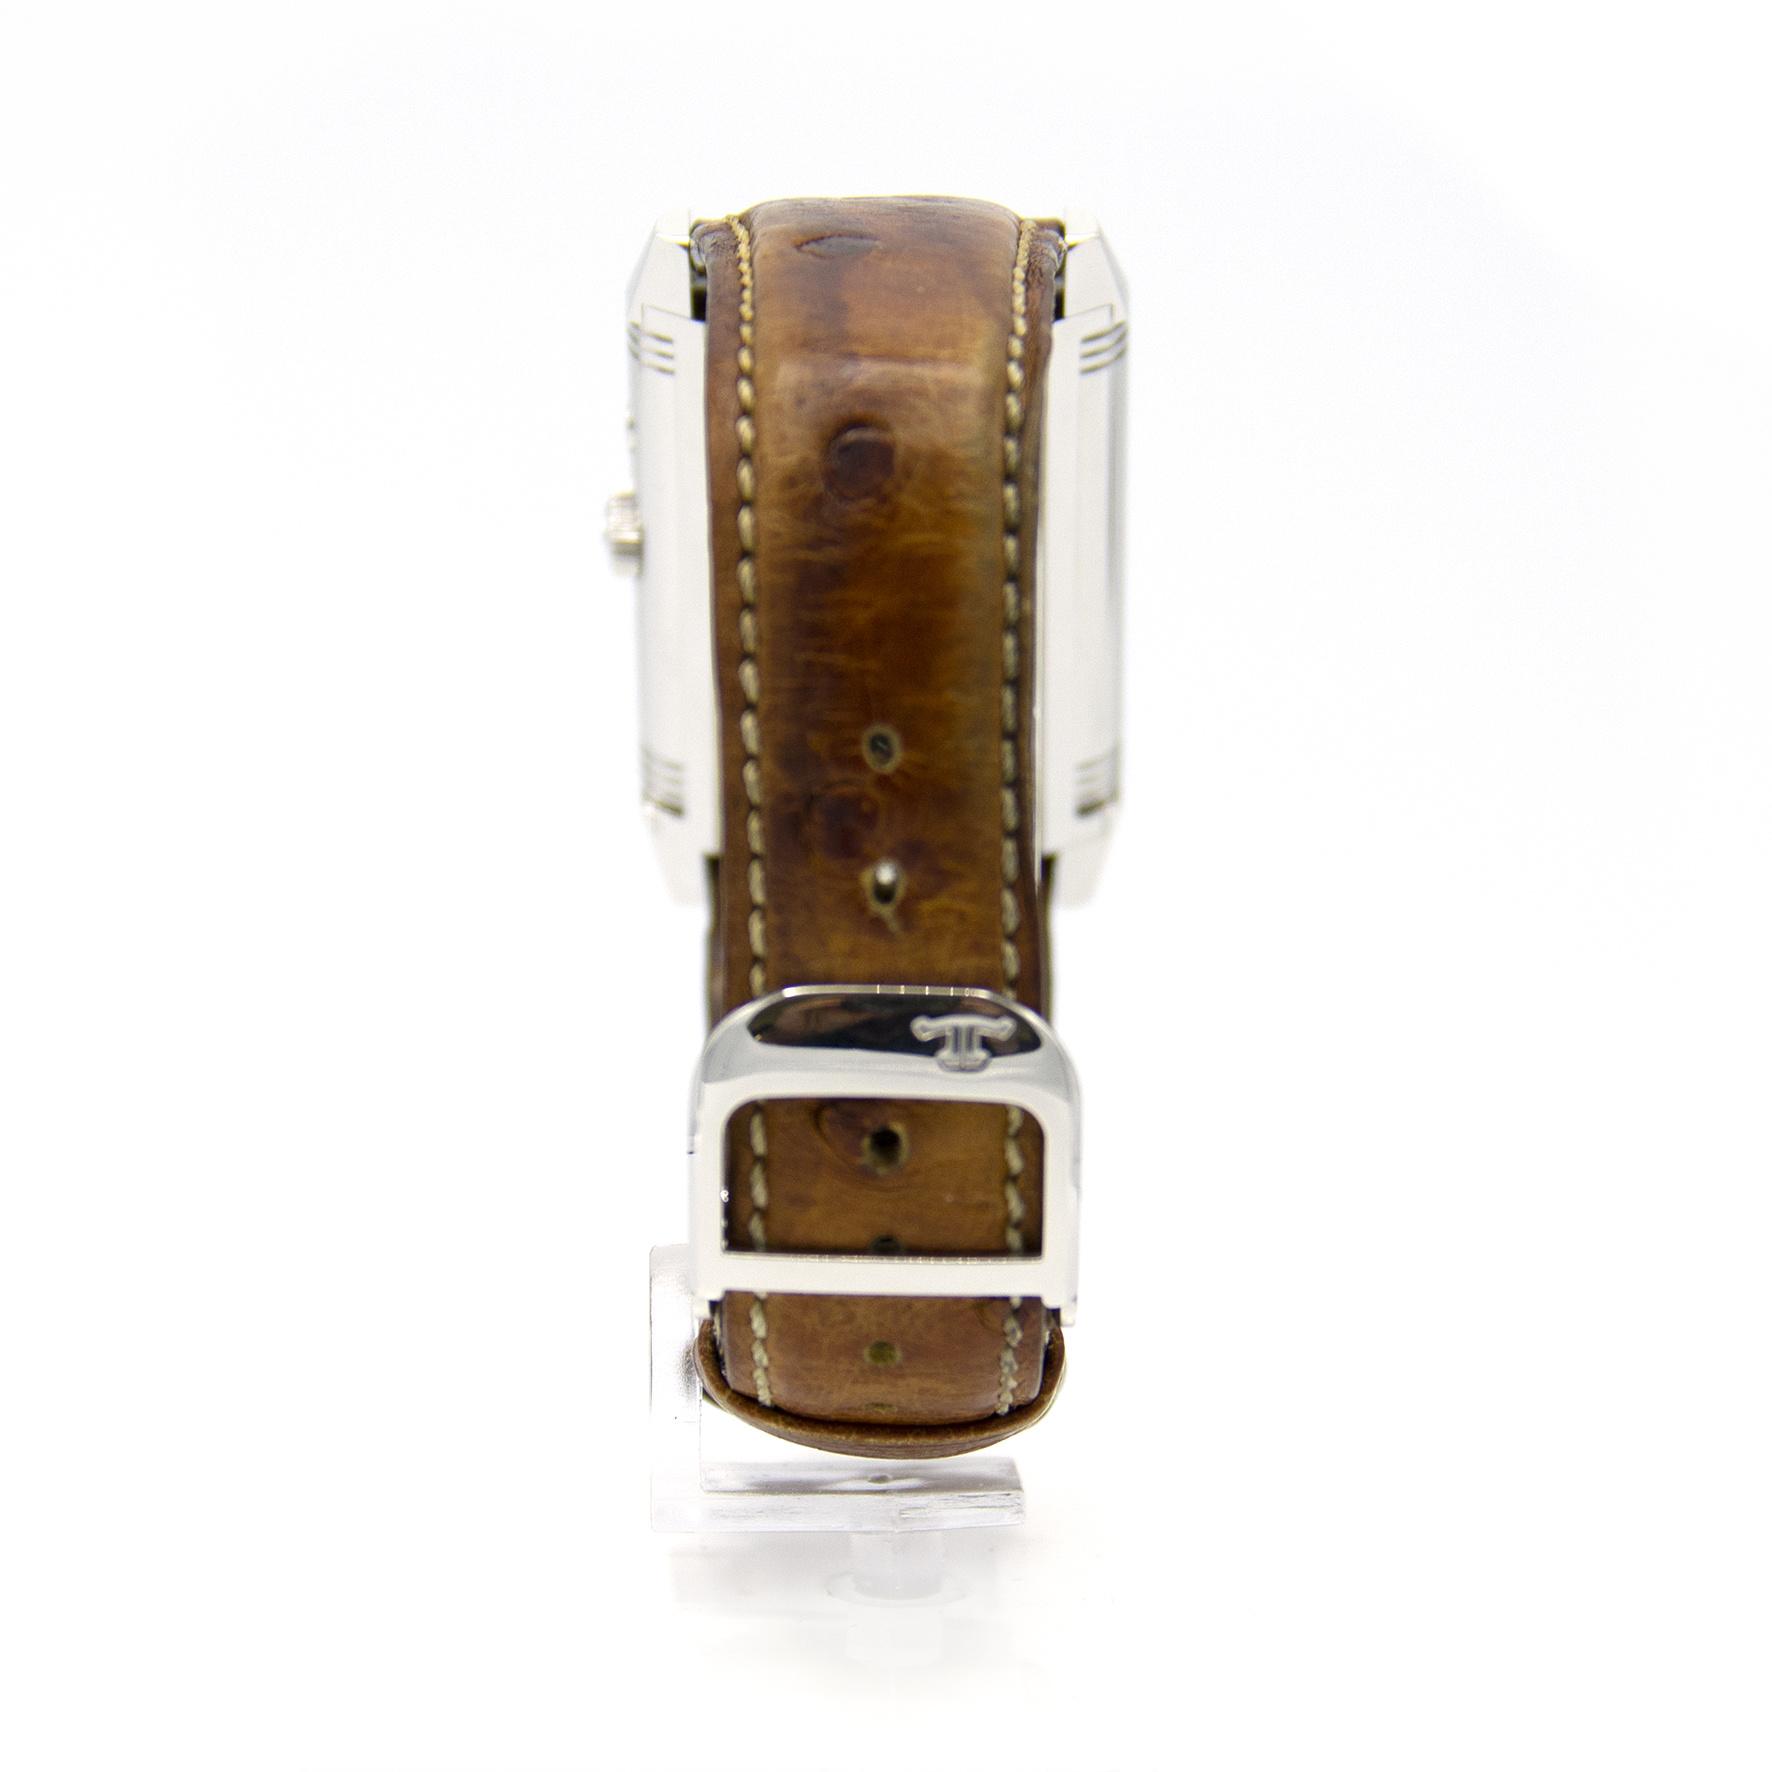 Jaeger-LeCoultre - Duo Face - Horloge Heren - 270.8.54-6